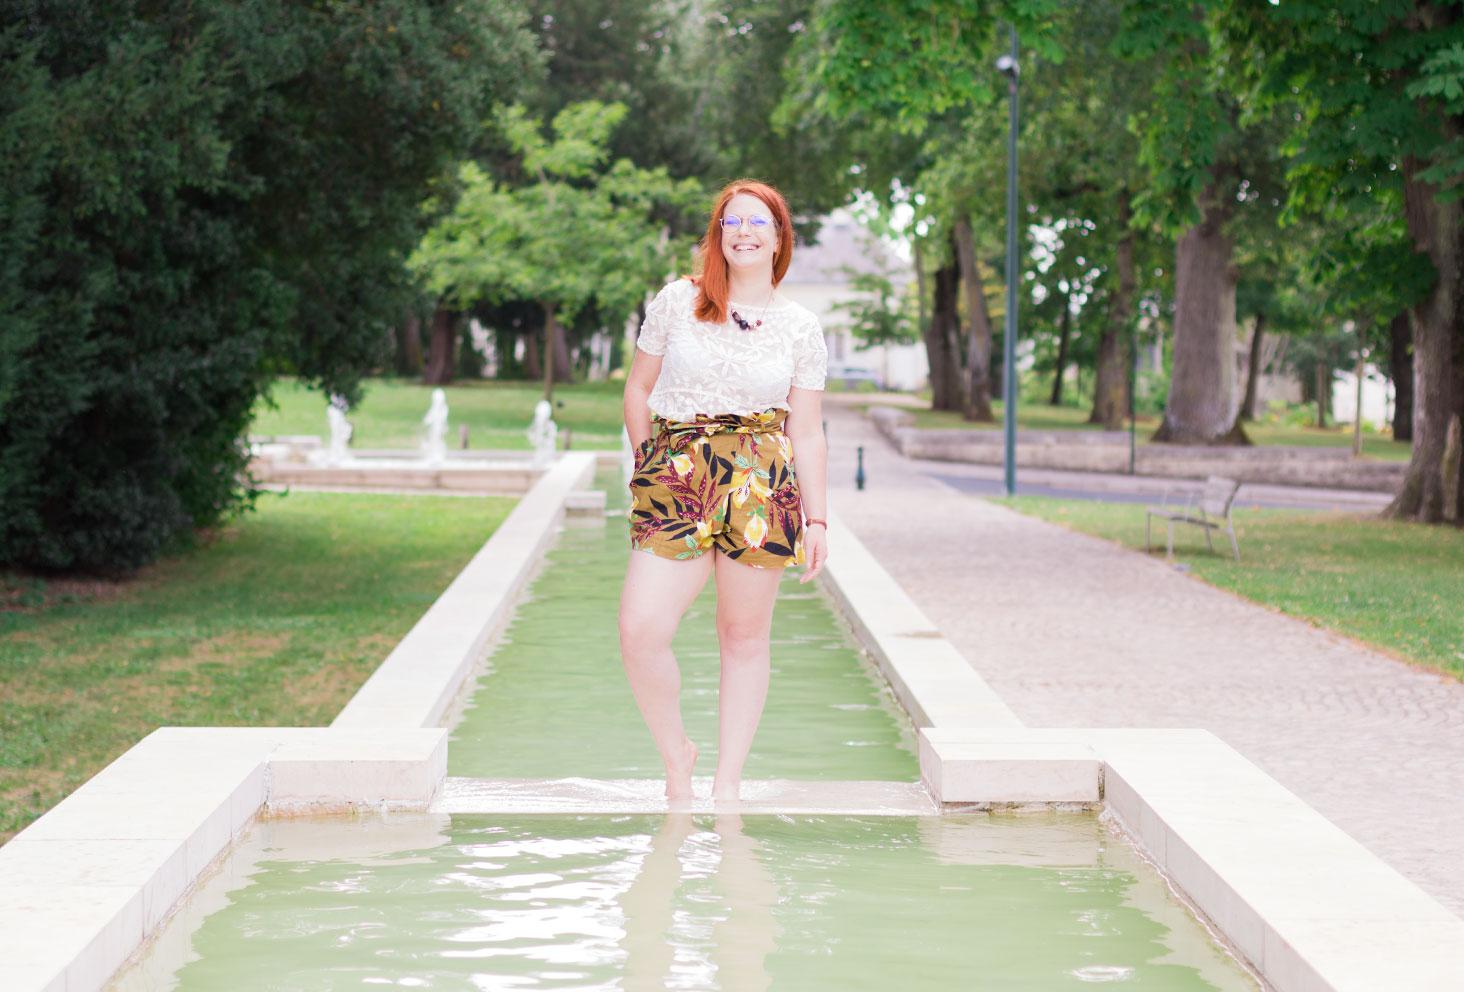 Look entier Zara, t-shirt en dentelle transparent et short kaki à fleurs, les pieds dans l'eau au milieu d'une fontaine